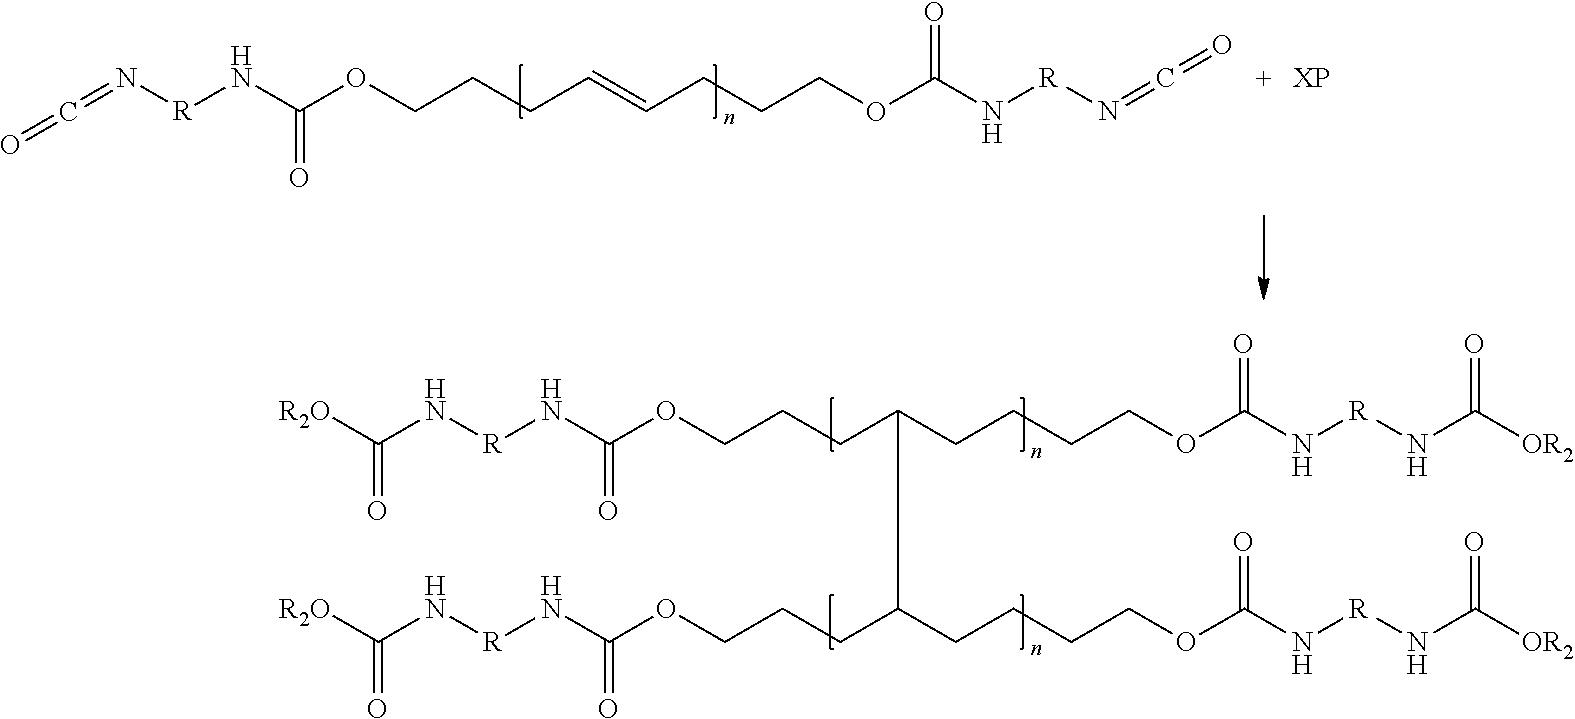 Figure US09206280-20151208-C00018